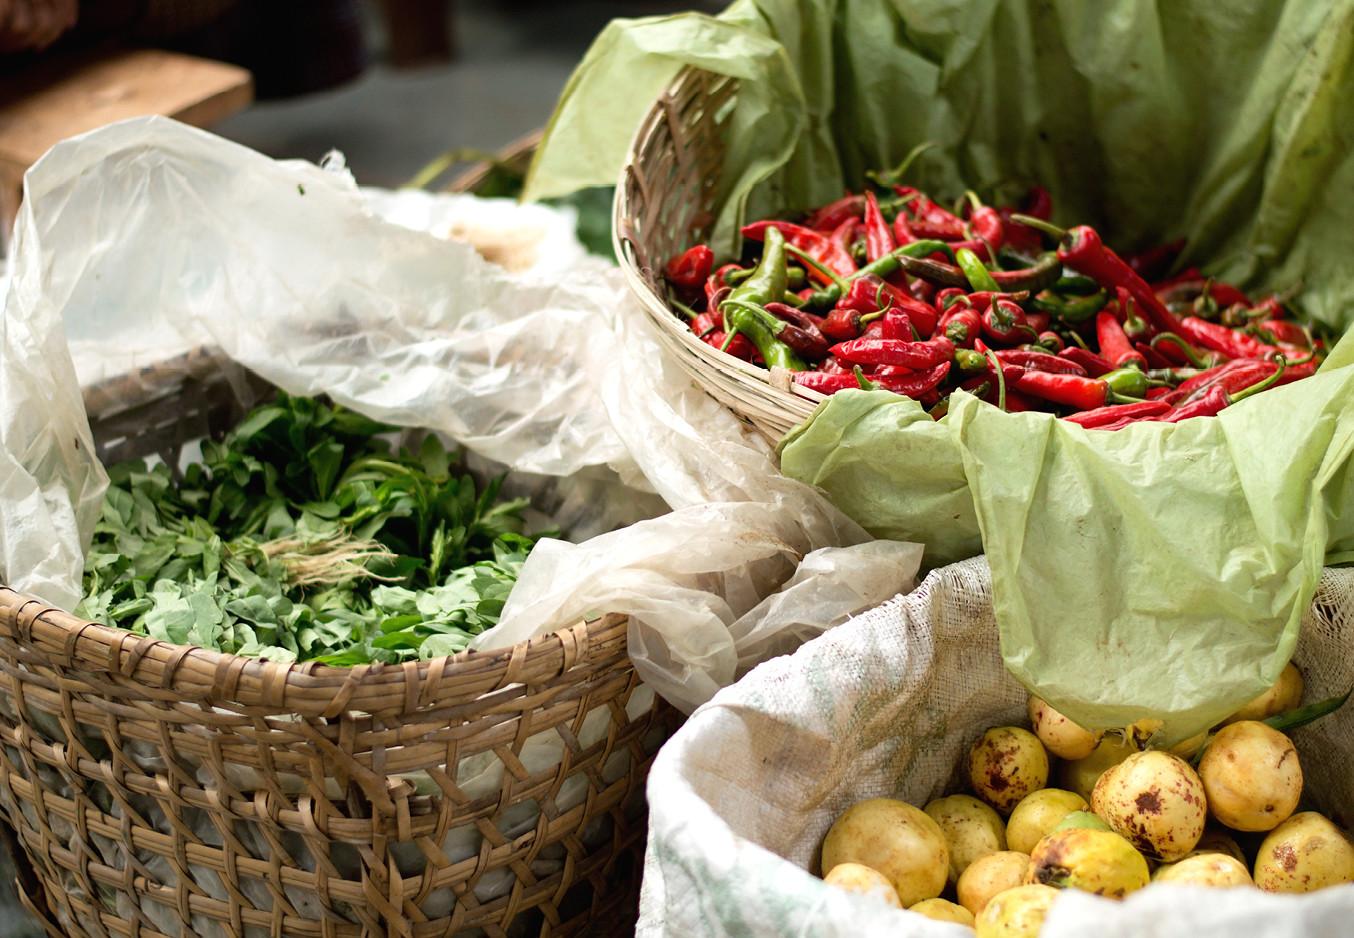 etens manden met chilli peper, aardappelen en kruiden.